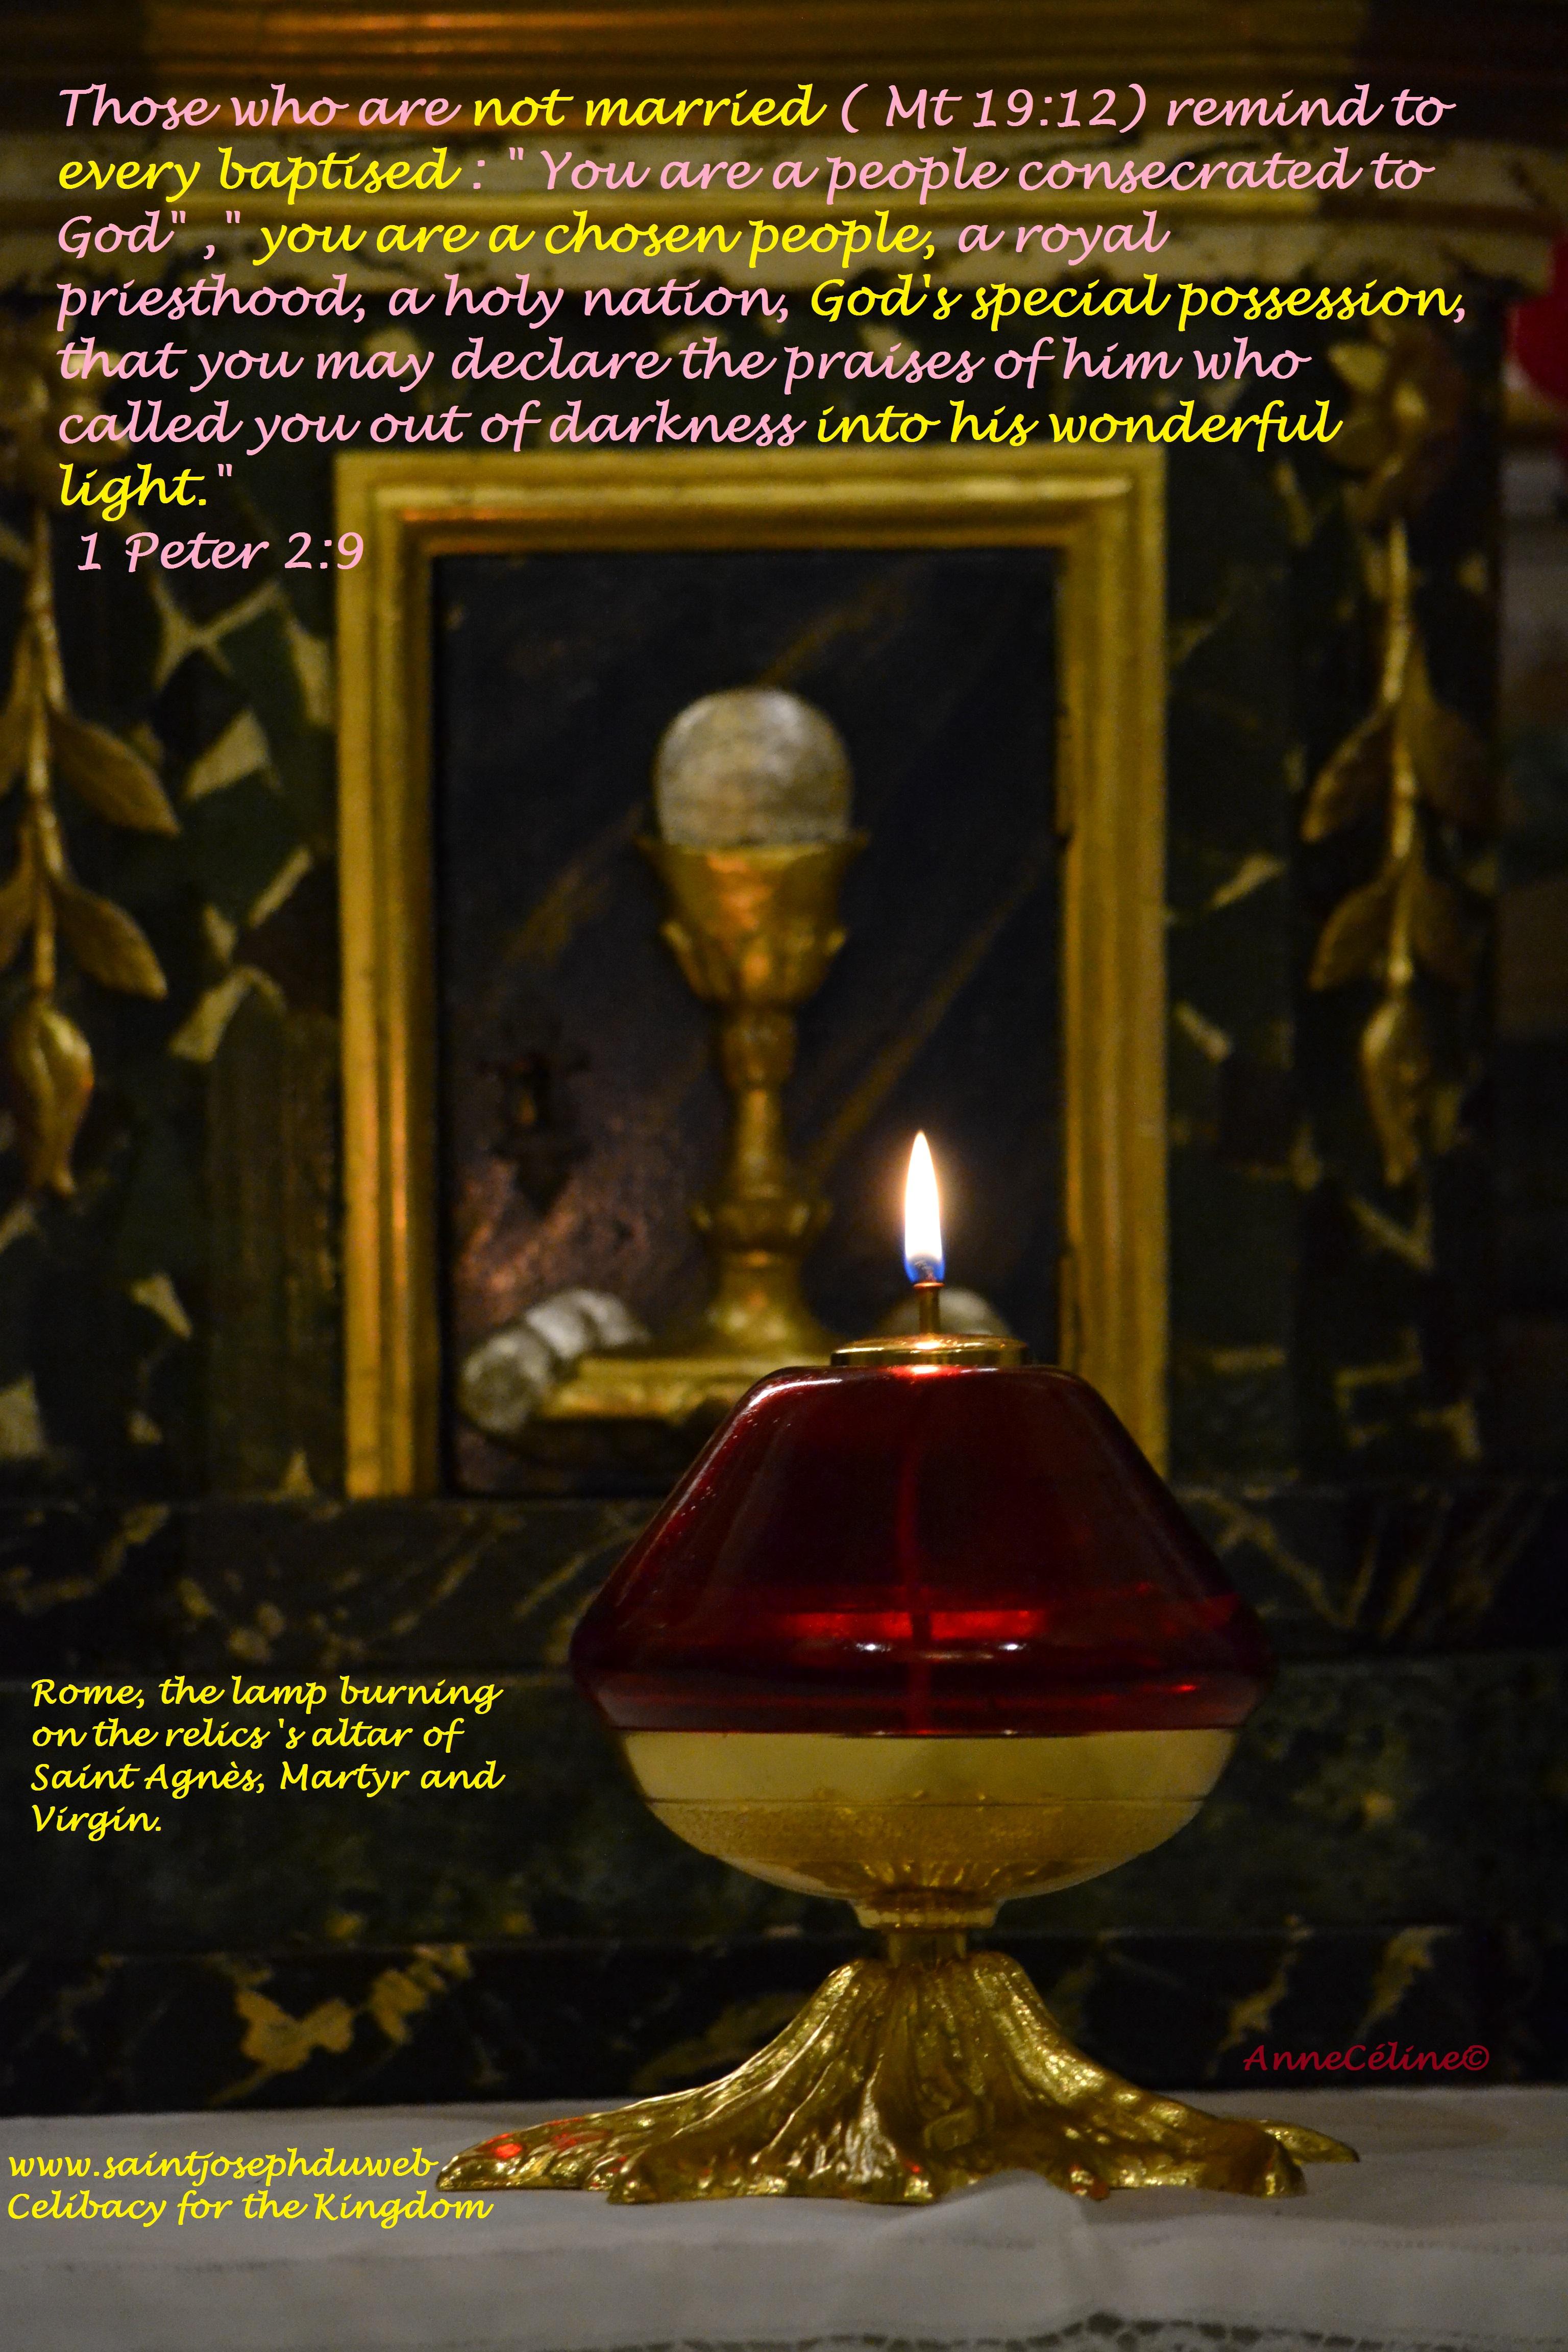 """Ceux qui ne se marrient pas ( Mt 19:12) rappellent à tous les baptisés : """" Tu es un Peuple choisi, un sacerdoce royal, une nation sainte, un peuple consacré au Seigneur afin de louer celui qui t'a appelé des ténèbres à son admirable lumière. 1 Pierre 2:9"""